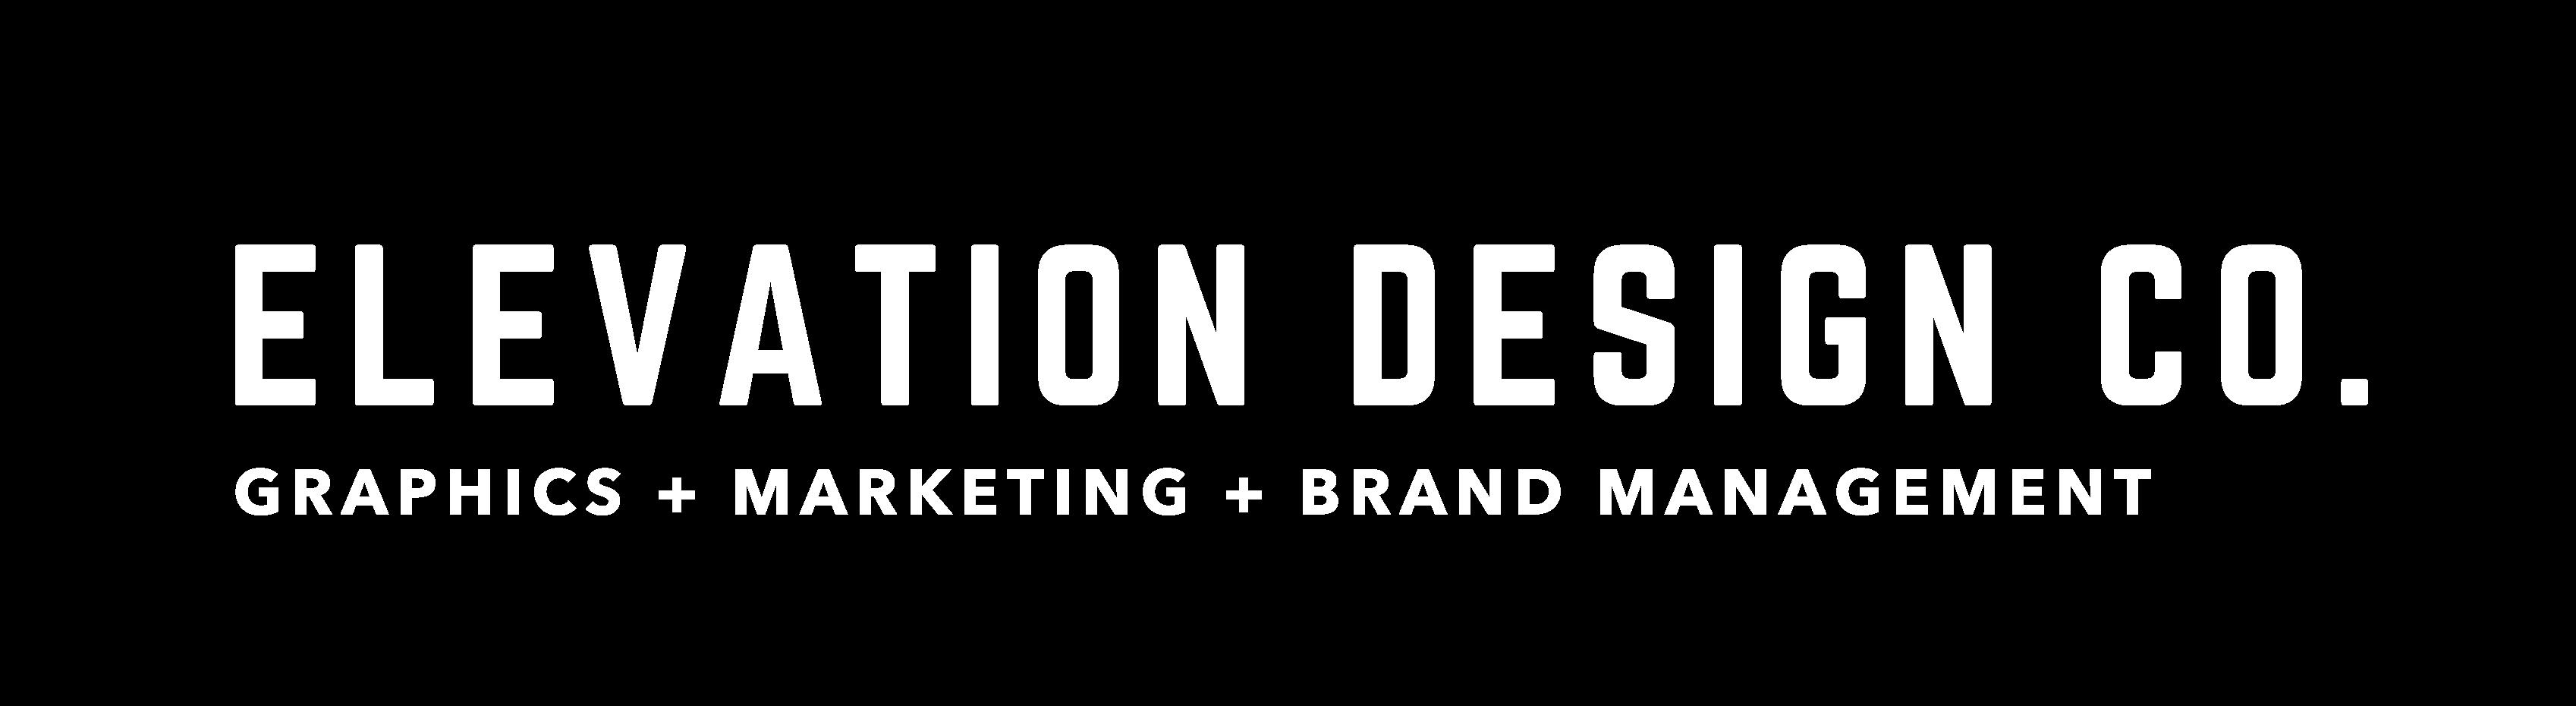 Elevation Design Co.